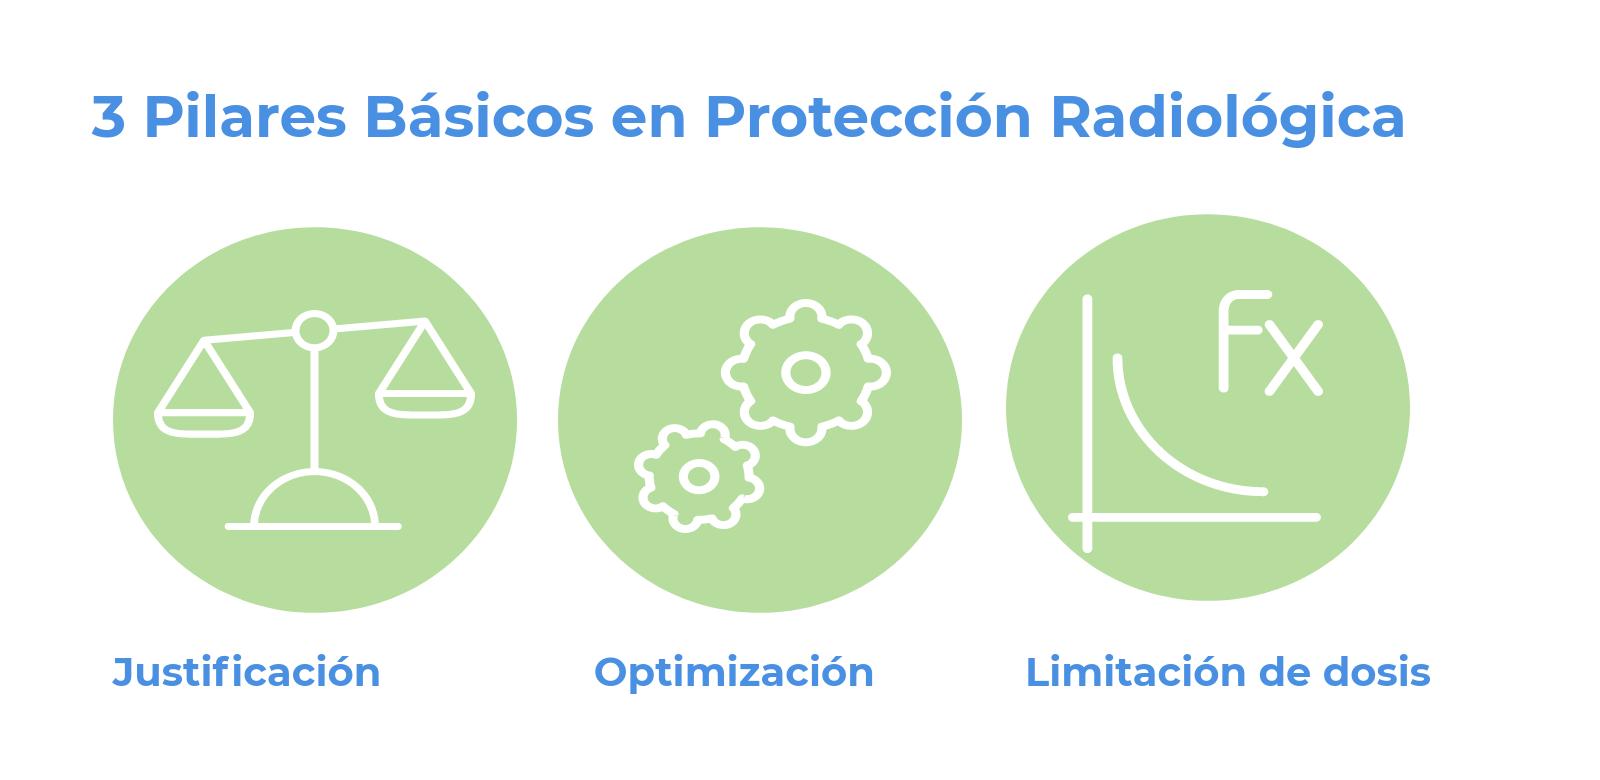 3 PILARES BÁSICOS EN PROTECCIÓN RADIOLÓGICA JUSTIFICACIÓN OPTIMIZACIÓN  Y LIMITACIÓN DE DOSIS